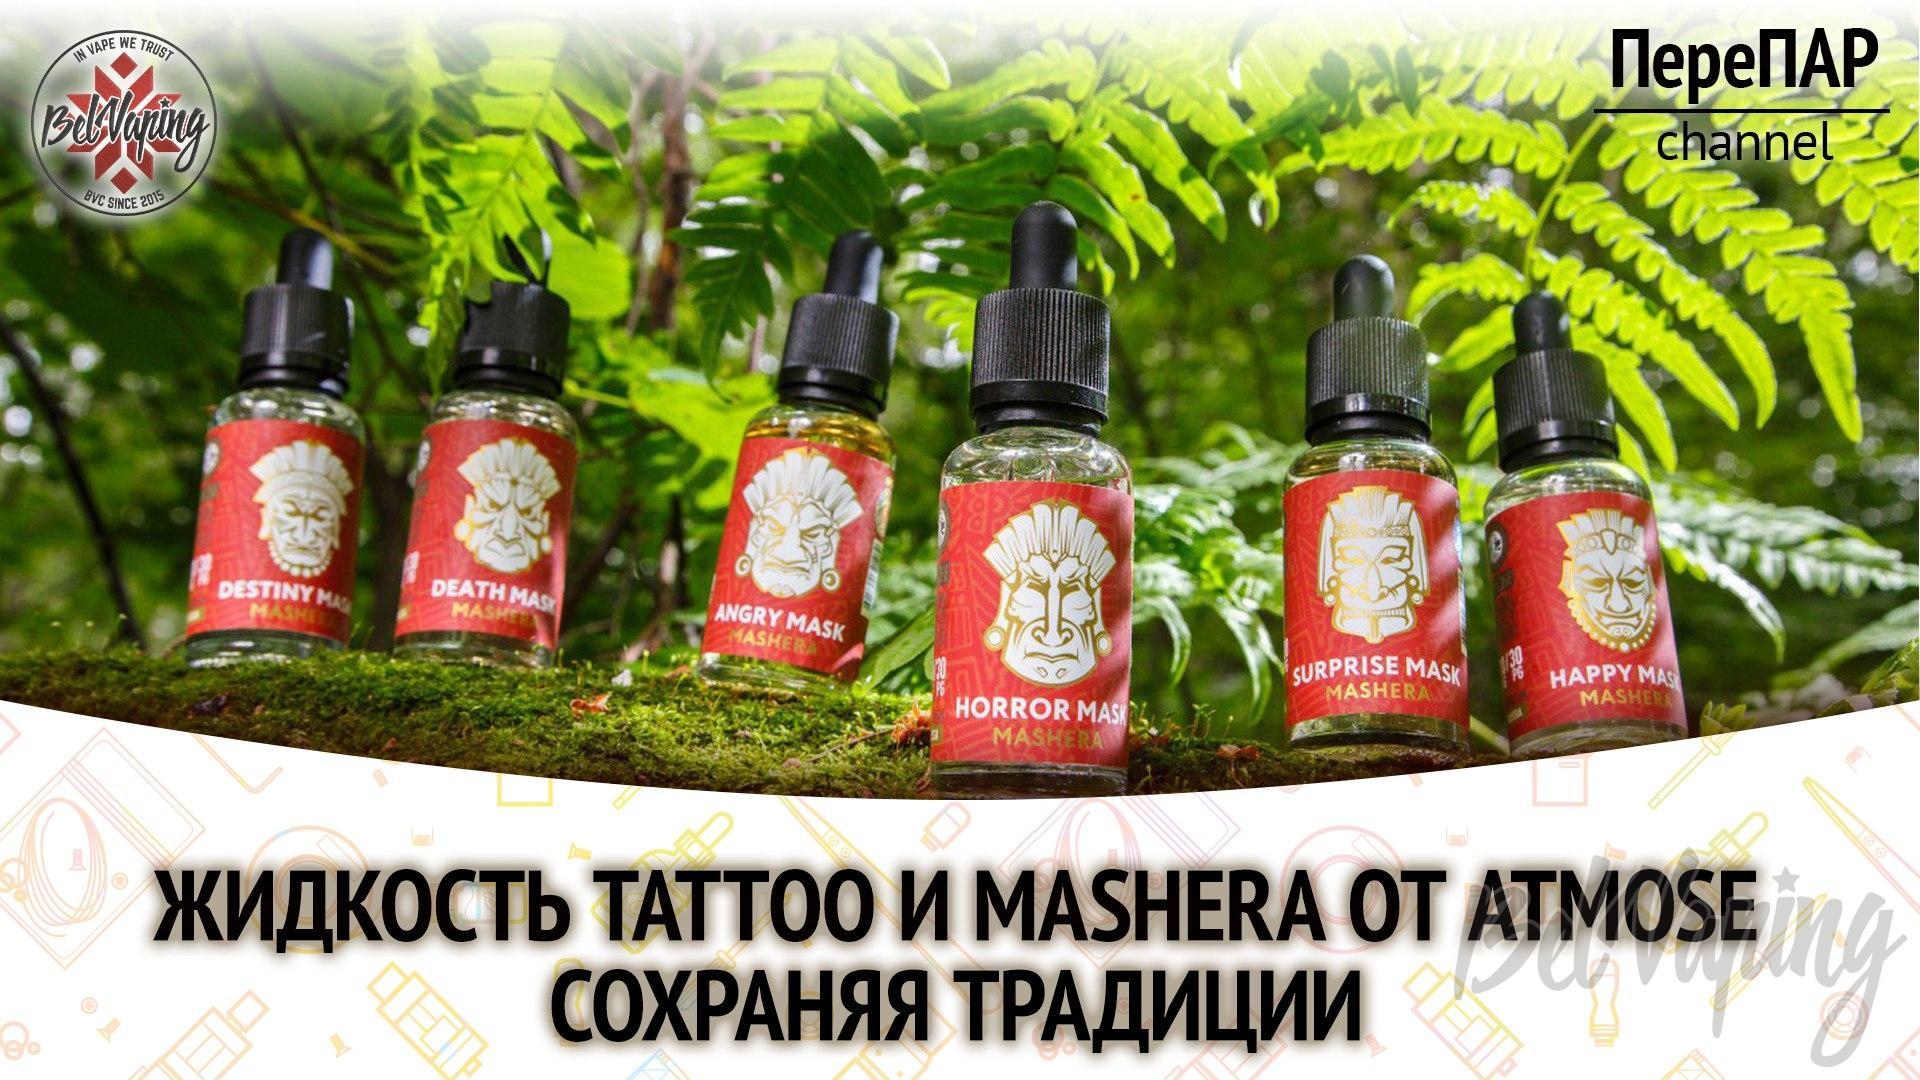 Обзор жидкости Atmose Tattoo и Mashera